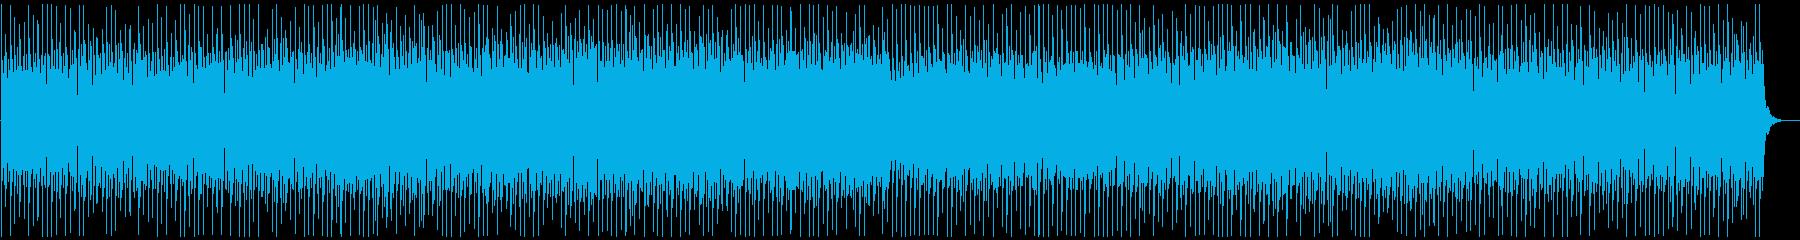 医療・科学・データ系 明るめの再生済みの波形